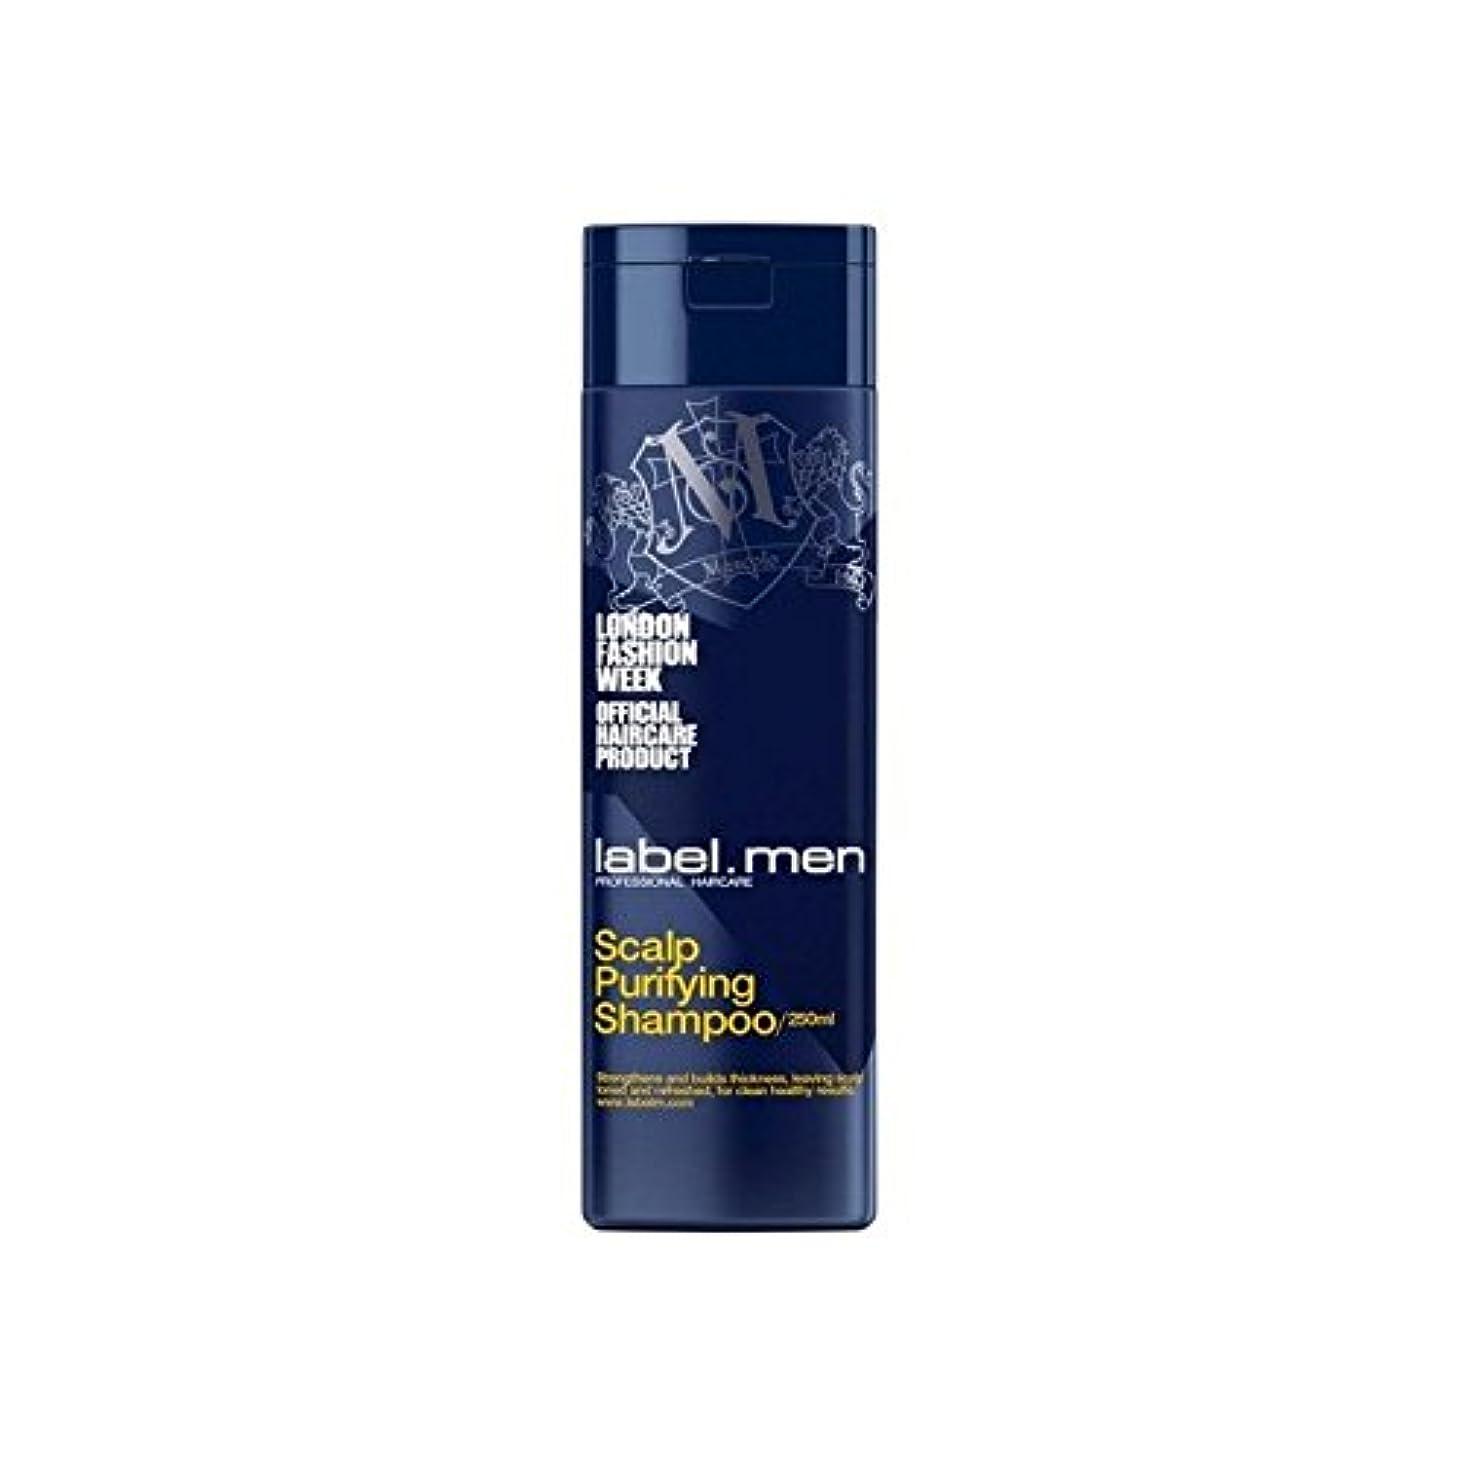 真っ逆さまうまれた視聴者Label.Men Scalp Purifying Shampoo (250ml) - .頭皮浄化シャンプー(250ミリリットル) [並行輸入品]